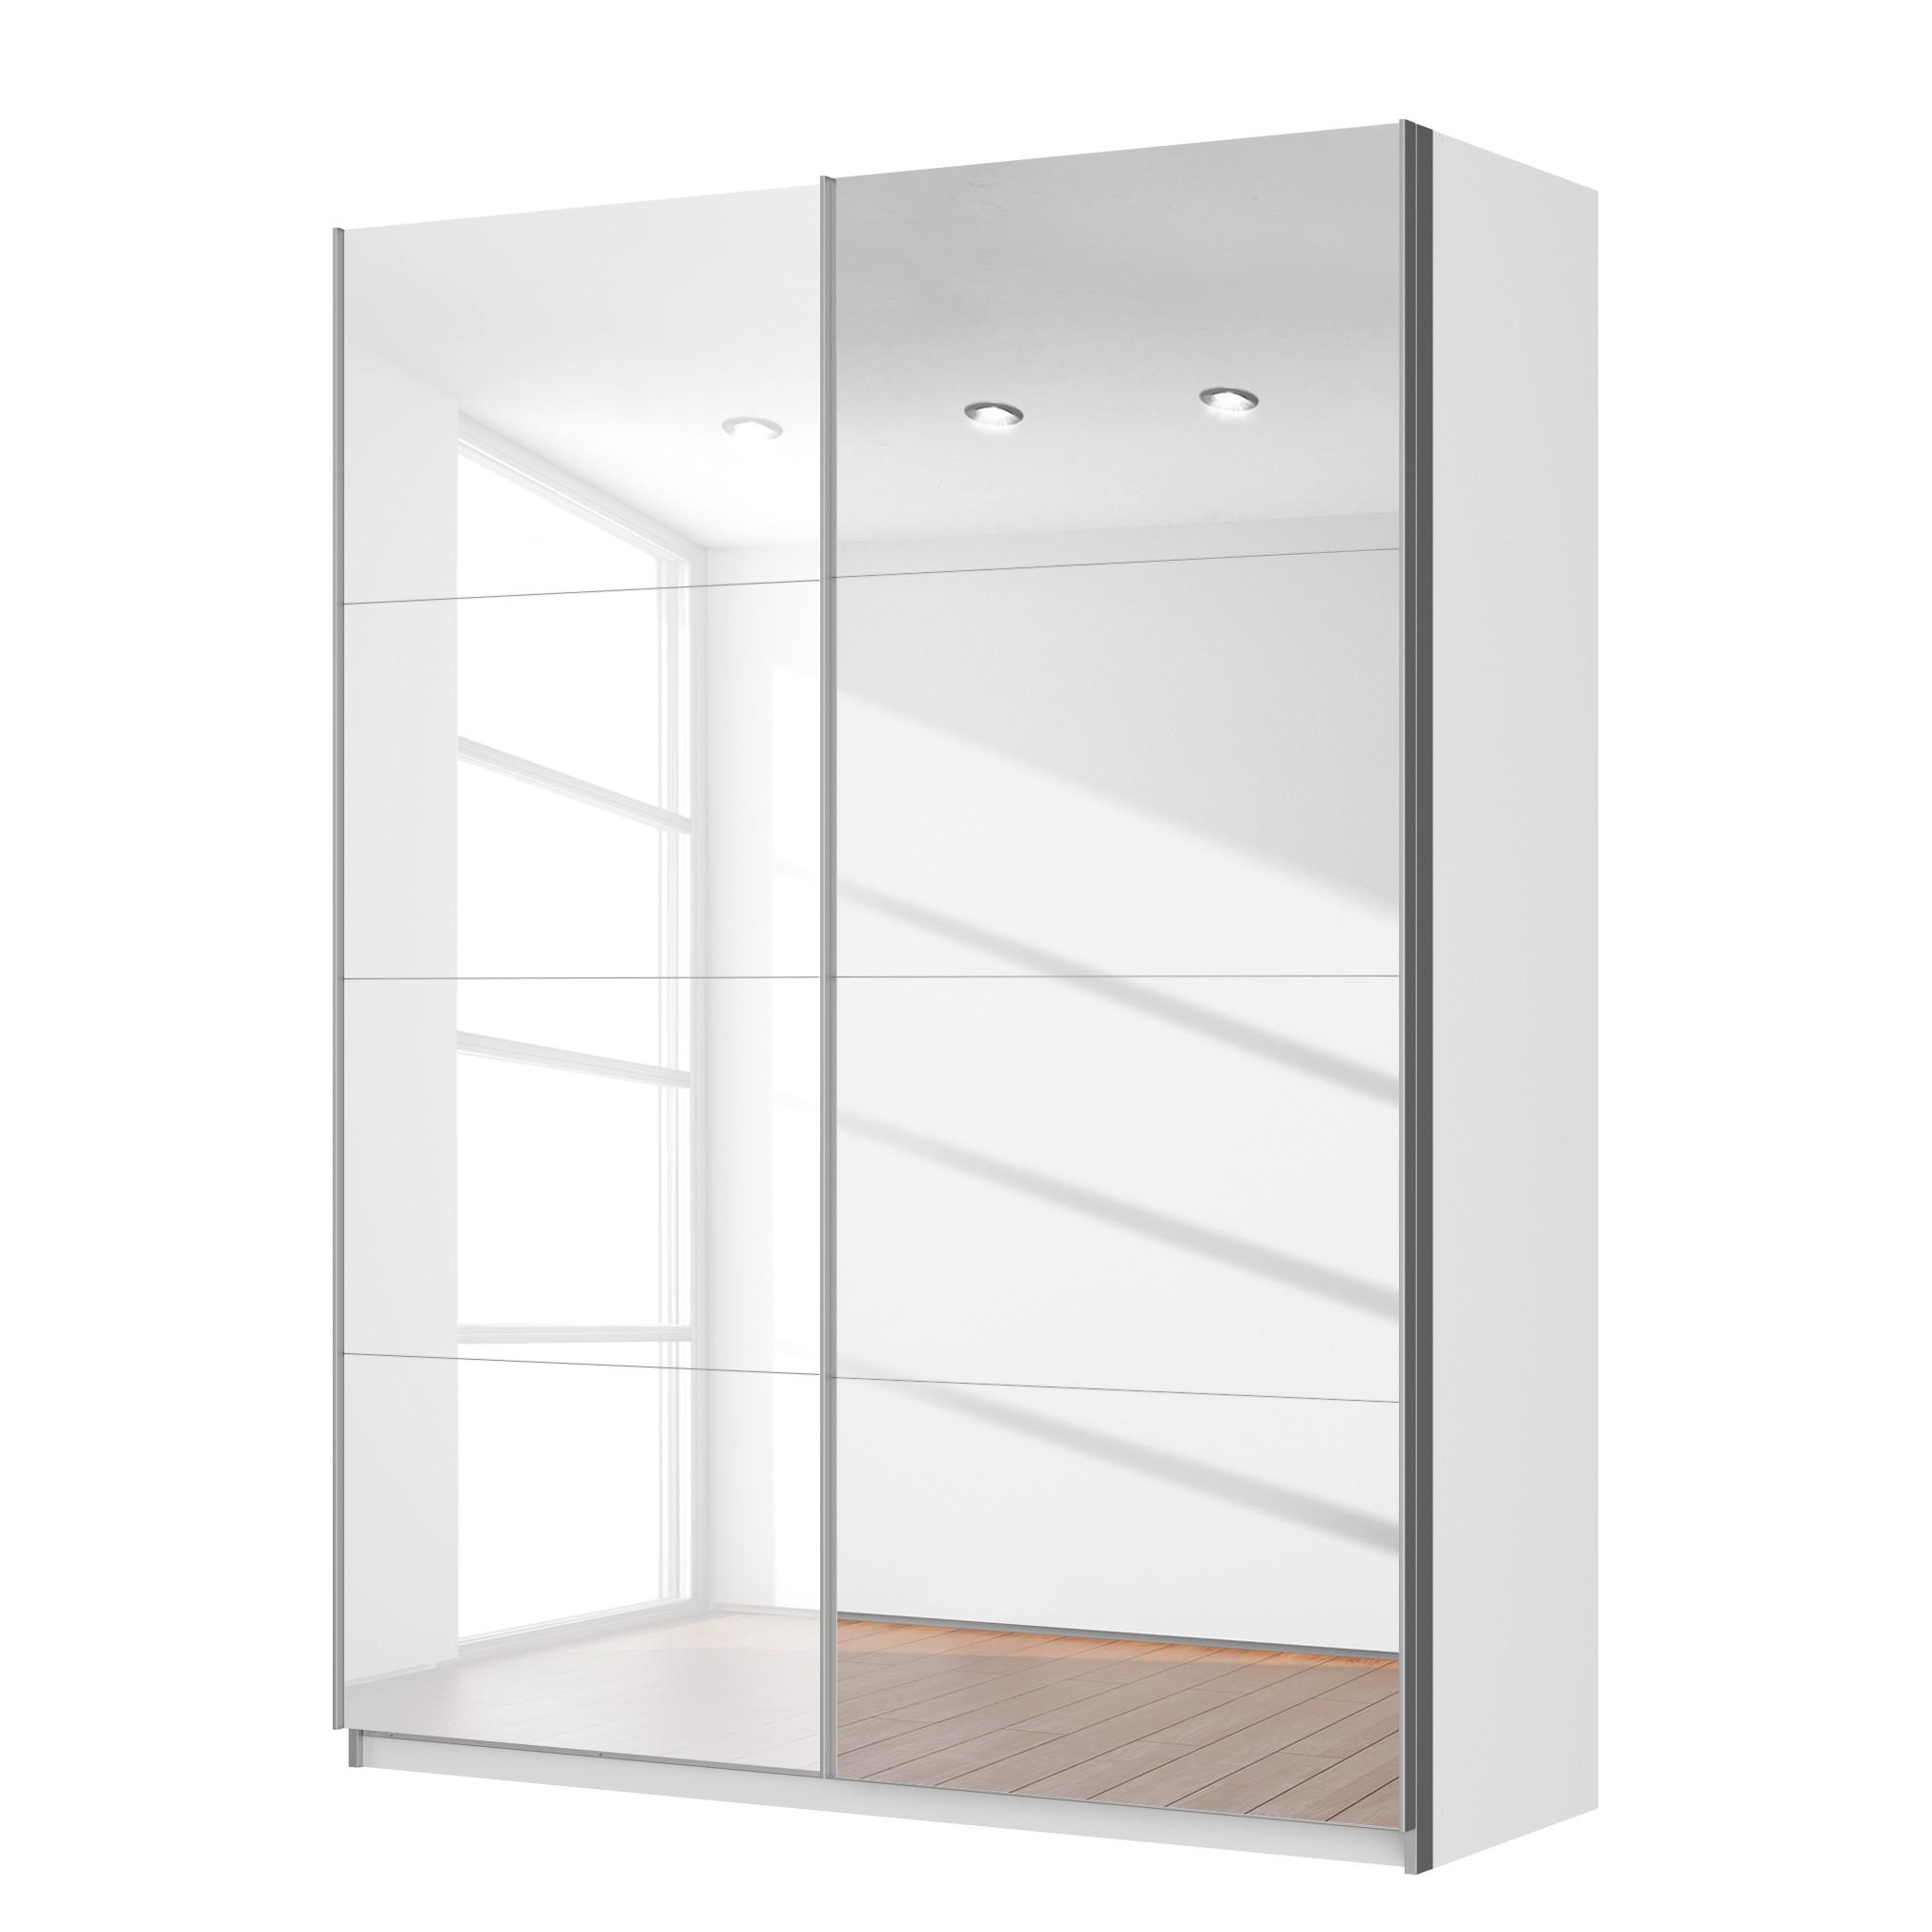 Zweefdeurkast SKØP - 181cm (2-deurs) - 236cm - Classic, SKØP